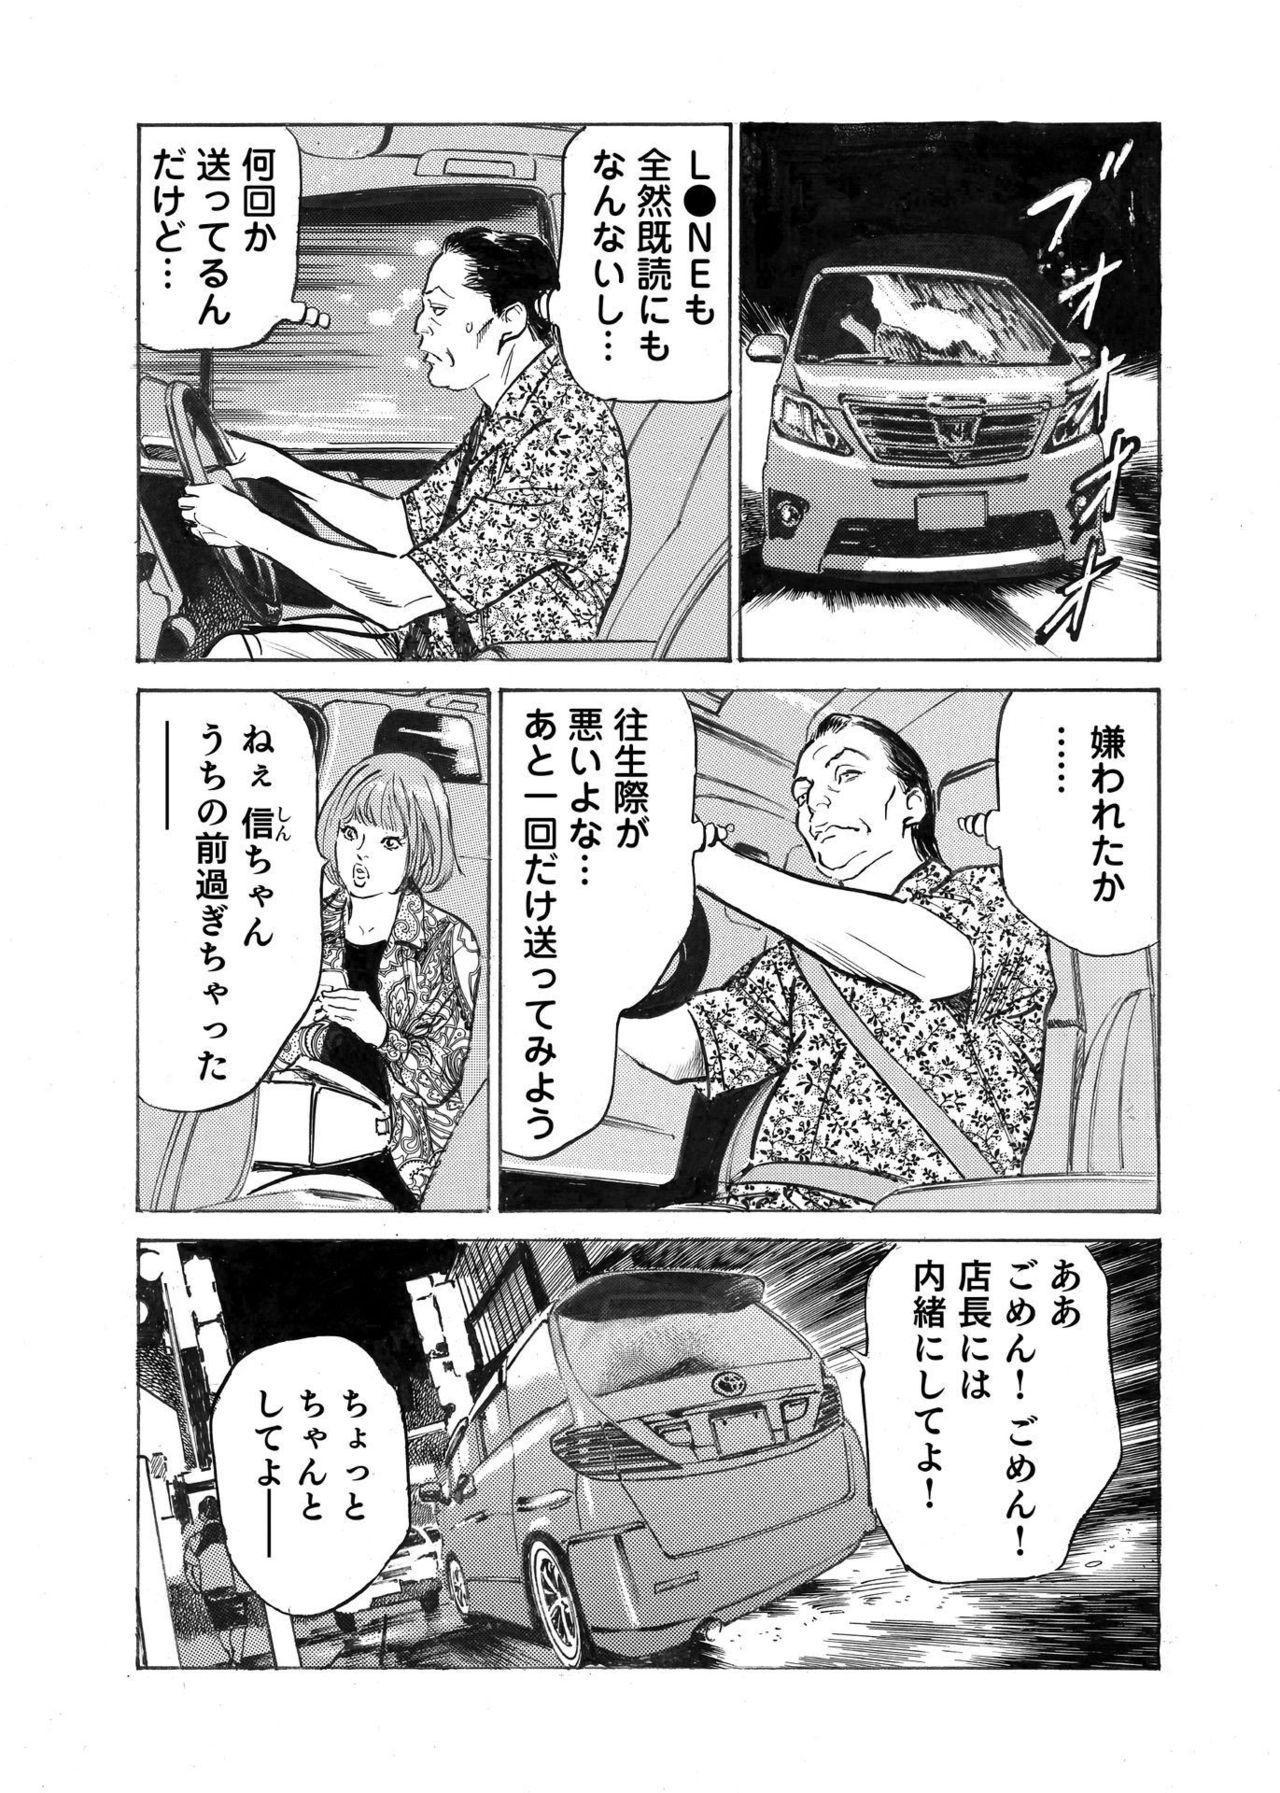 Ore wa Tsuma no Koto o Yoku Shiranai 1-9 88